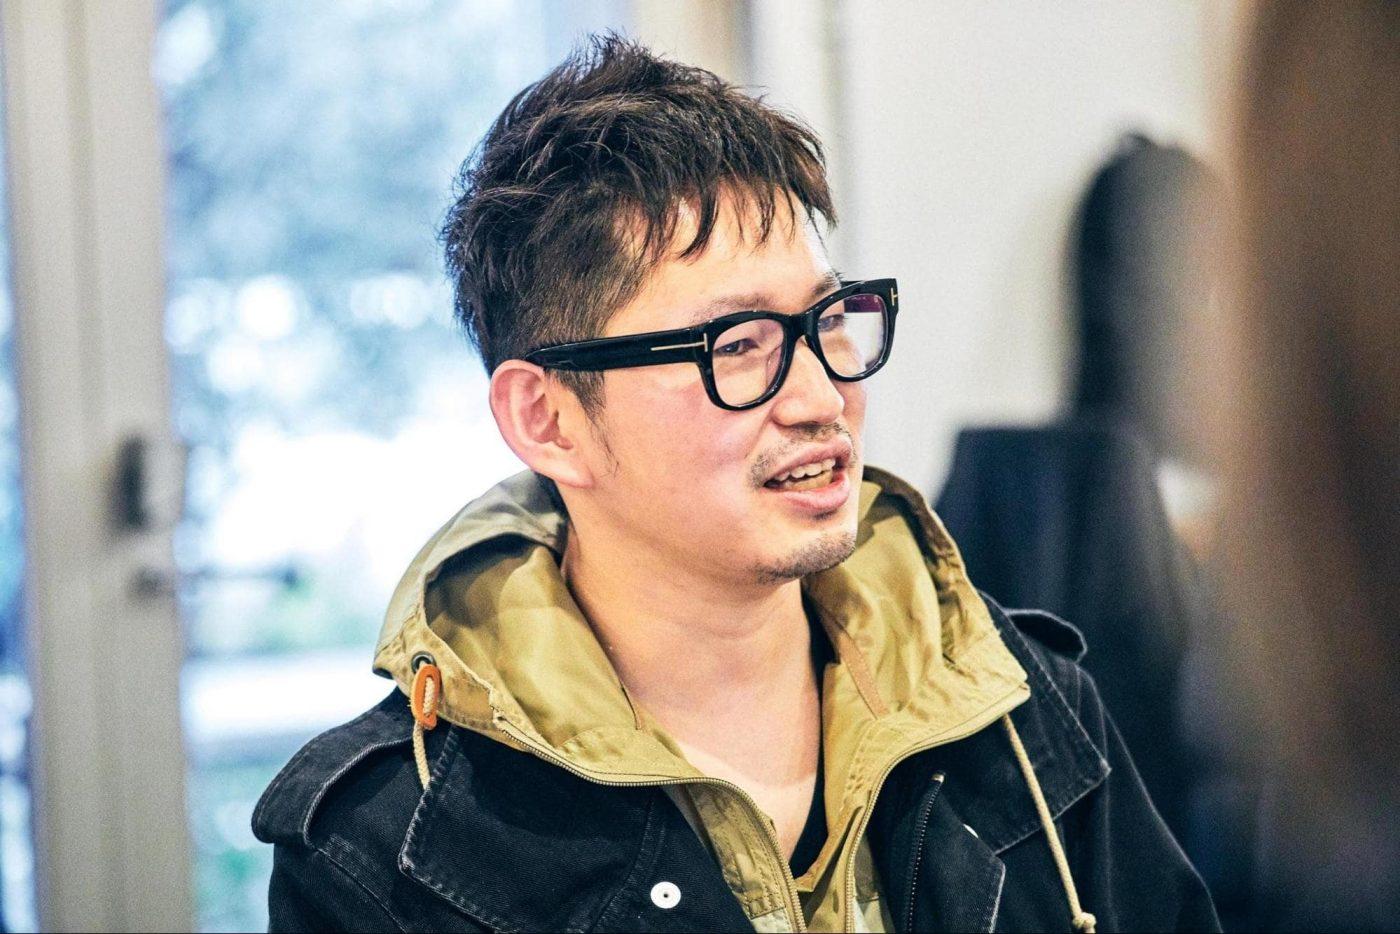 ■古川健介(ふるかわ・けんすけ) ー1981年生まれ。19歳で学生コミュニティ「ミルクカフェ」を立ち上げ、大学在学中に掲示板サイトを運営するインターネット企業の社長に就任。2006年、リクルートに入社。2009年に退職し、nanapi代表取締役に就任。2019年1月「アル」を設立。